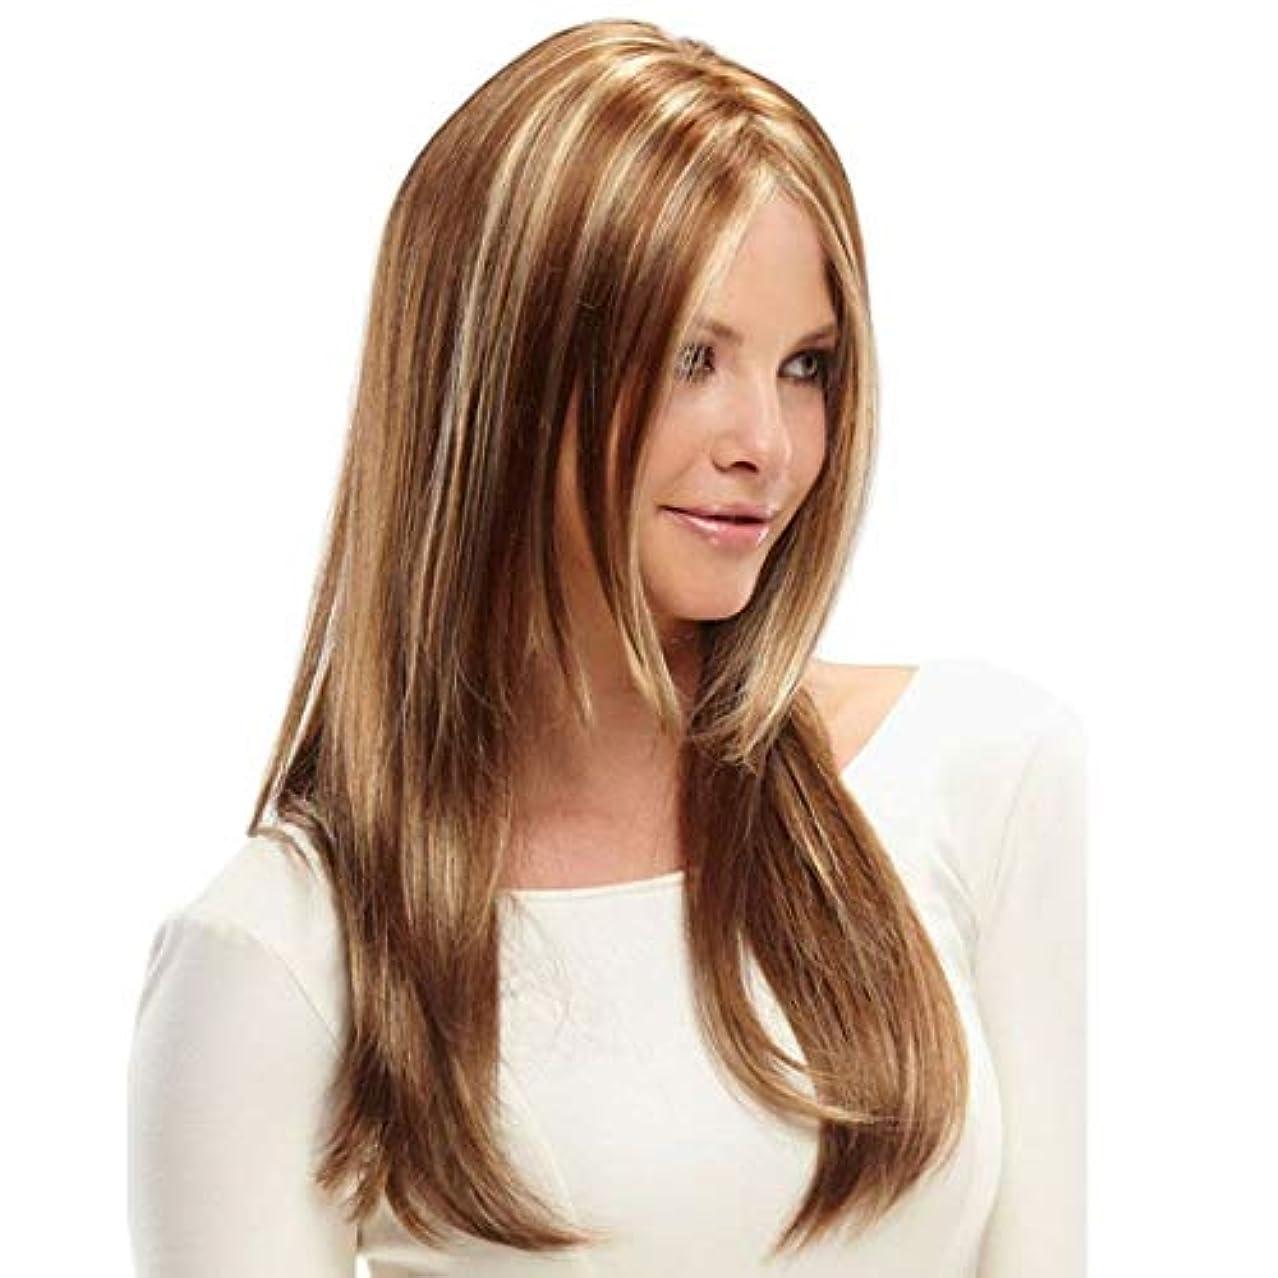 追い越す液体しおれたKerwinner 女性のための合成かつら自然に見える長い波状別れ耐熱交換かつら